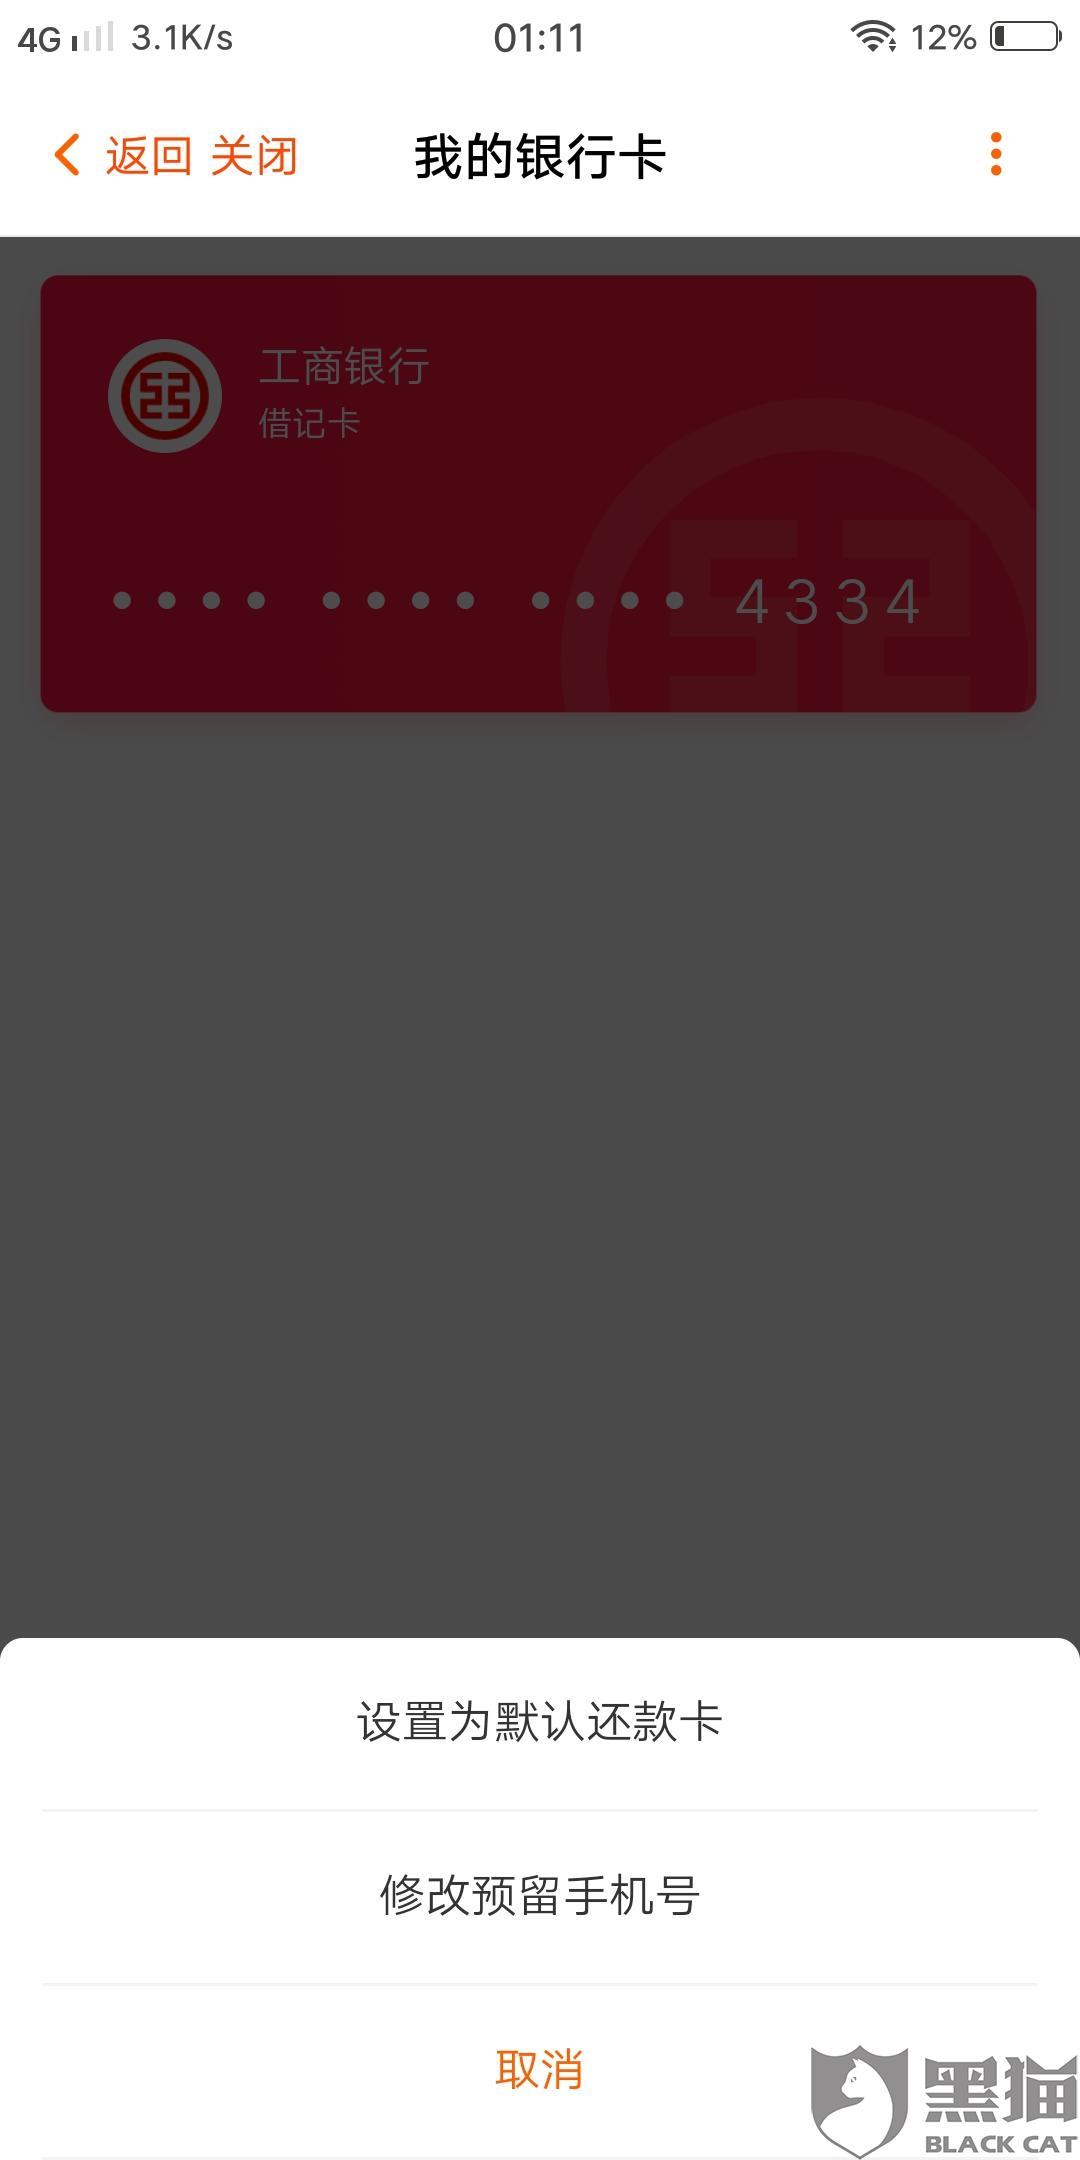 黑猫投诉:芒果TV诱导用户绑定银行卡,恶意扣费,且无法解绑银行卡!!